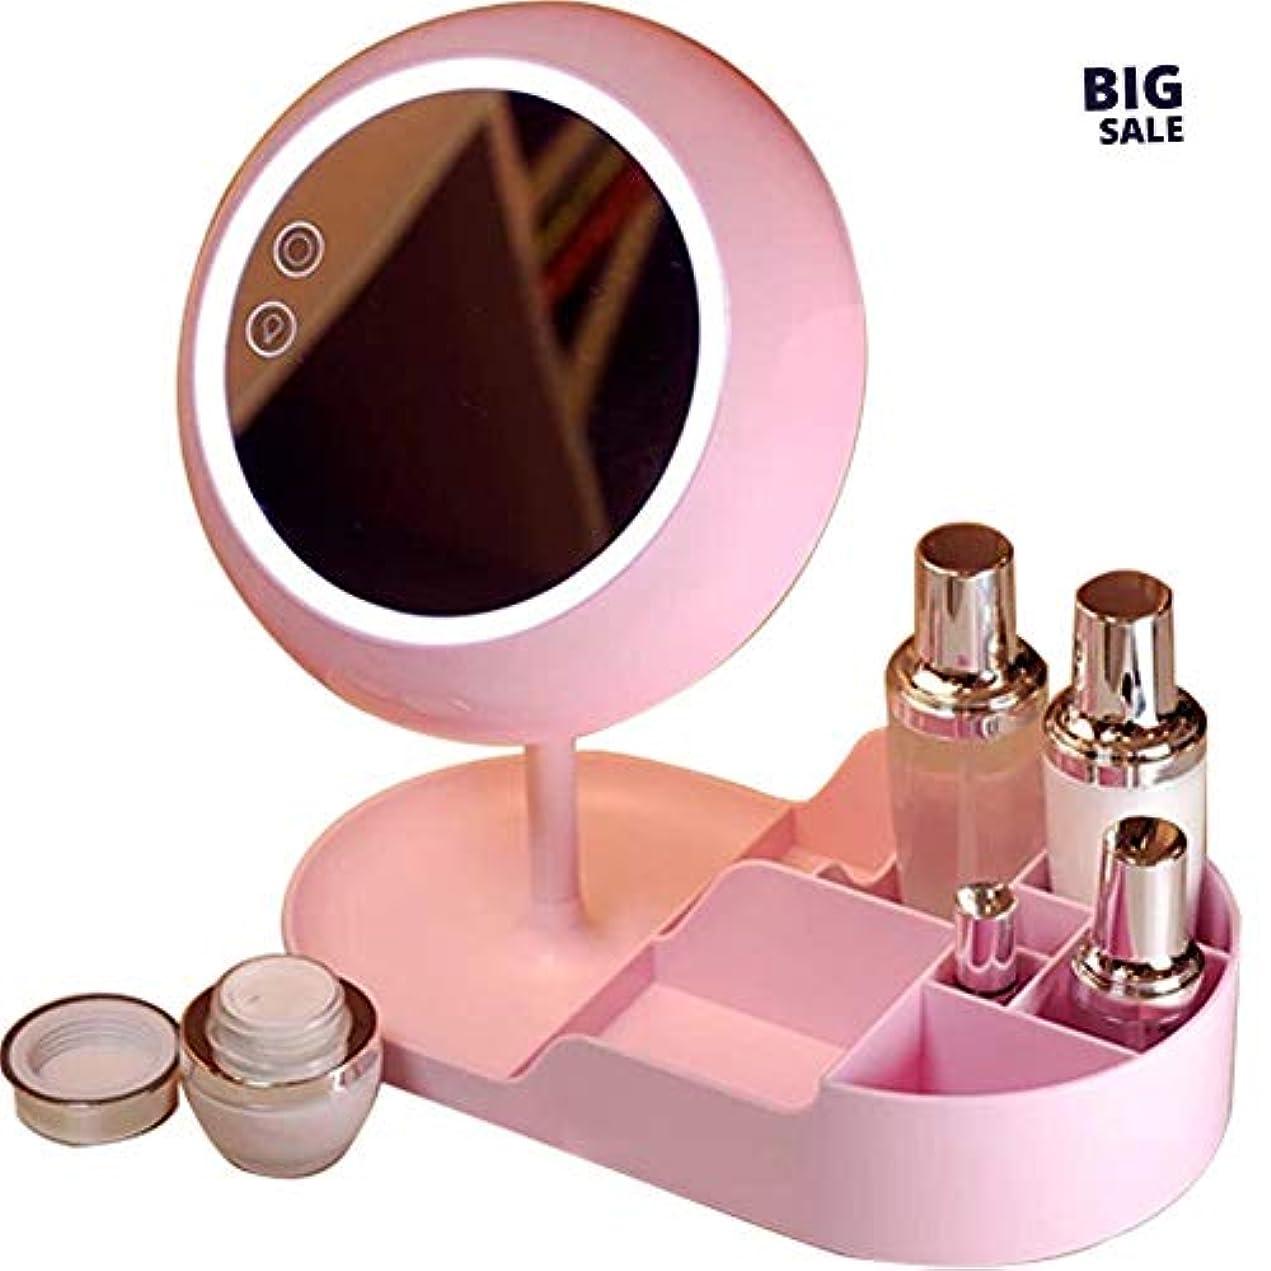 愛情深い強風うつNICEE創造的な化粧鏡充電式美容化粧鏡、タッチデュアル電源、化粧品収納ボックス化粧鏡NICEY